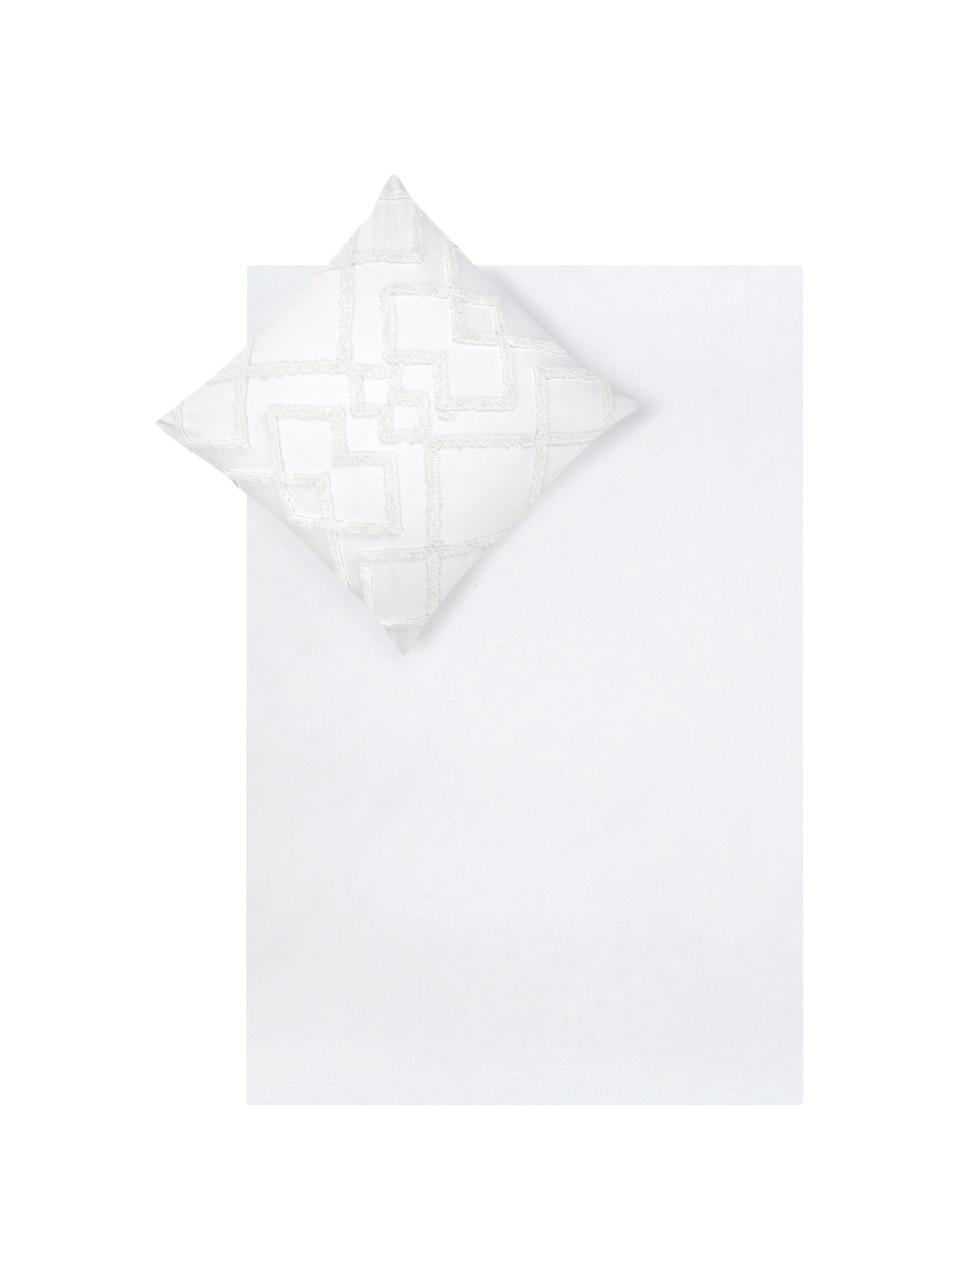 Pościel z perkalu Faith, Biały, 155 x 220 cm + 1 poduszka 80 x 80 cm